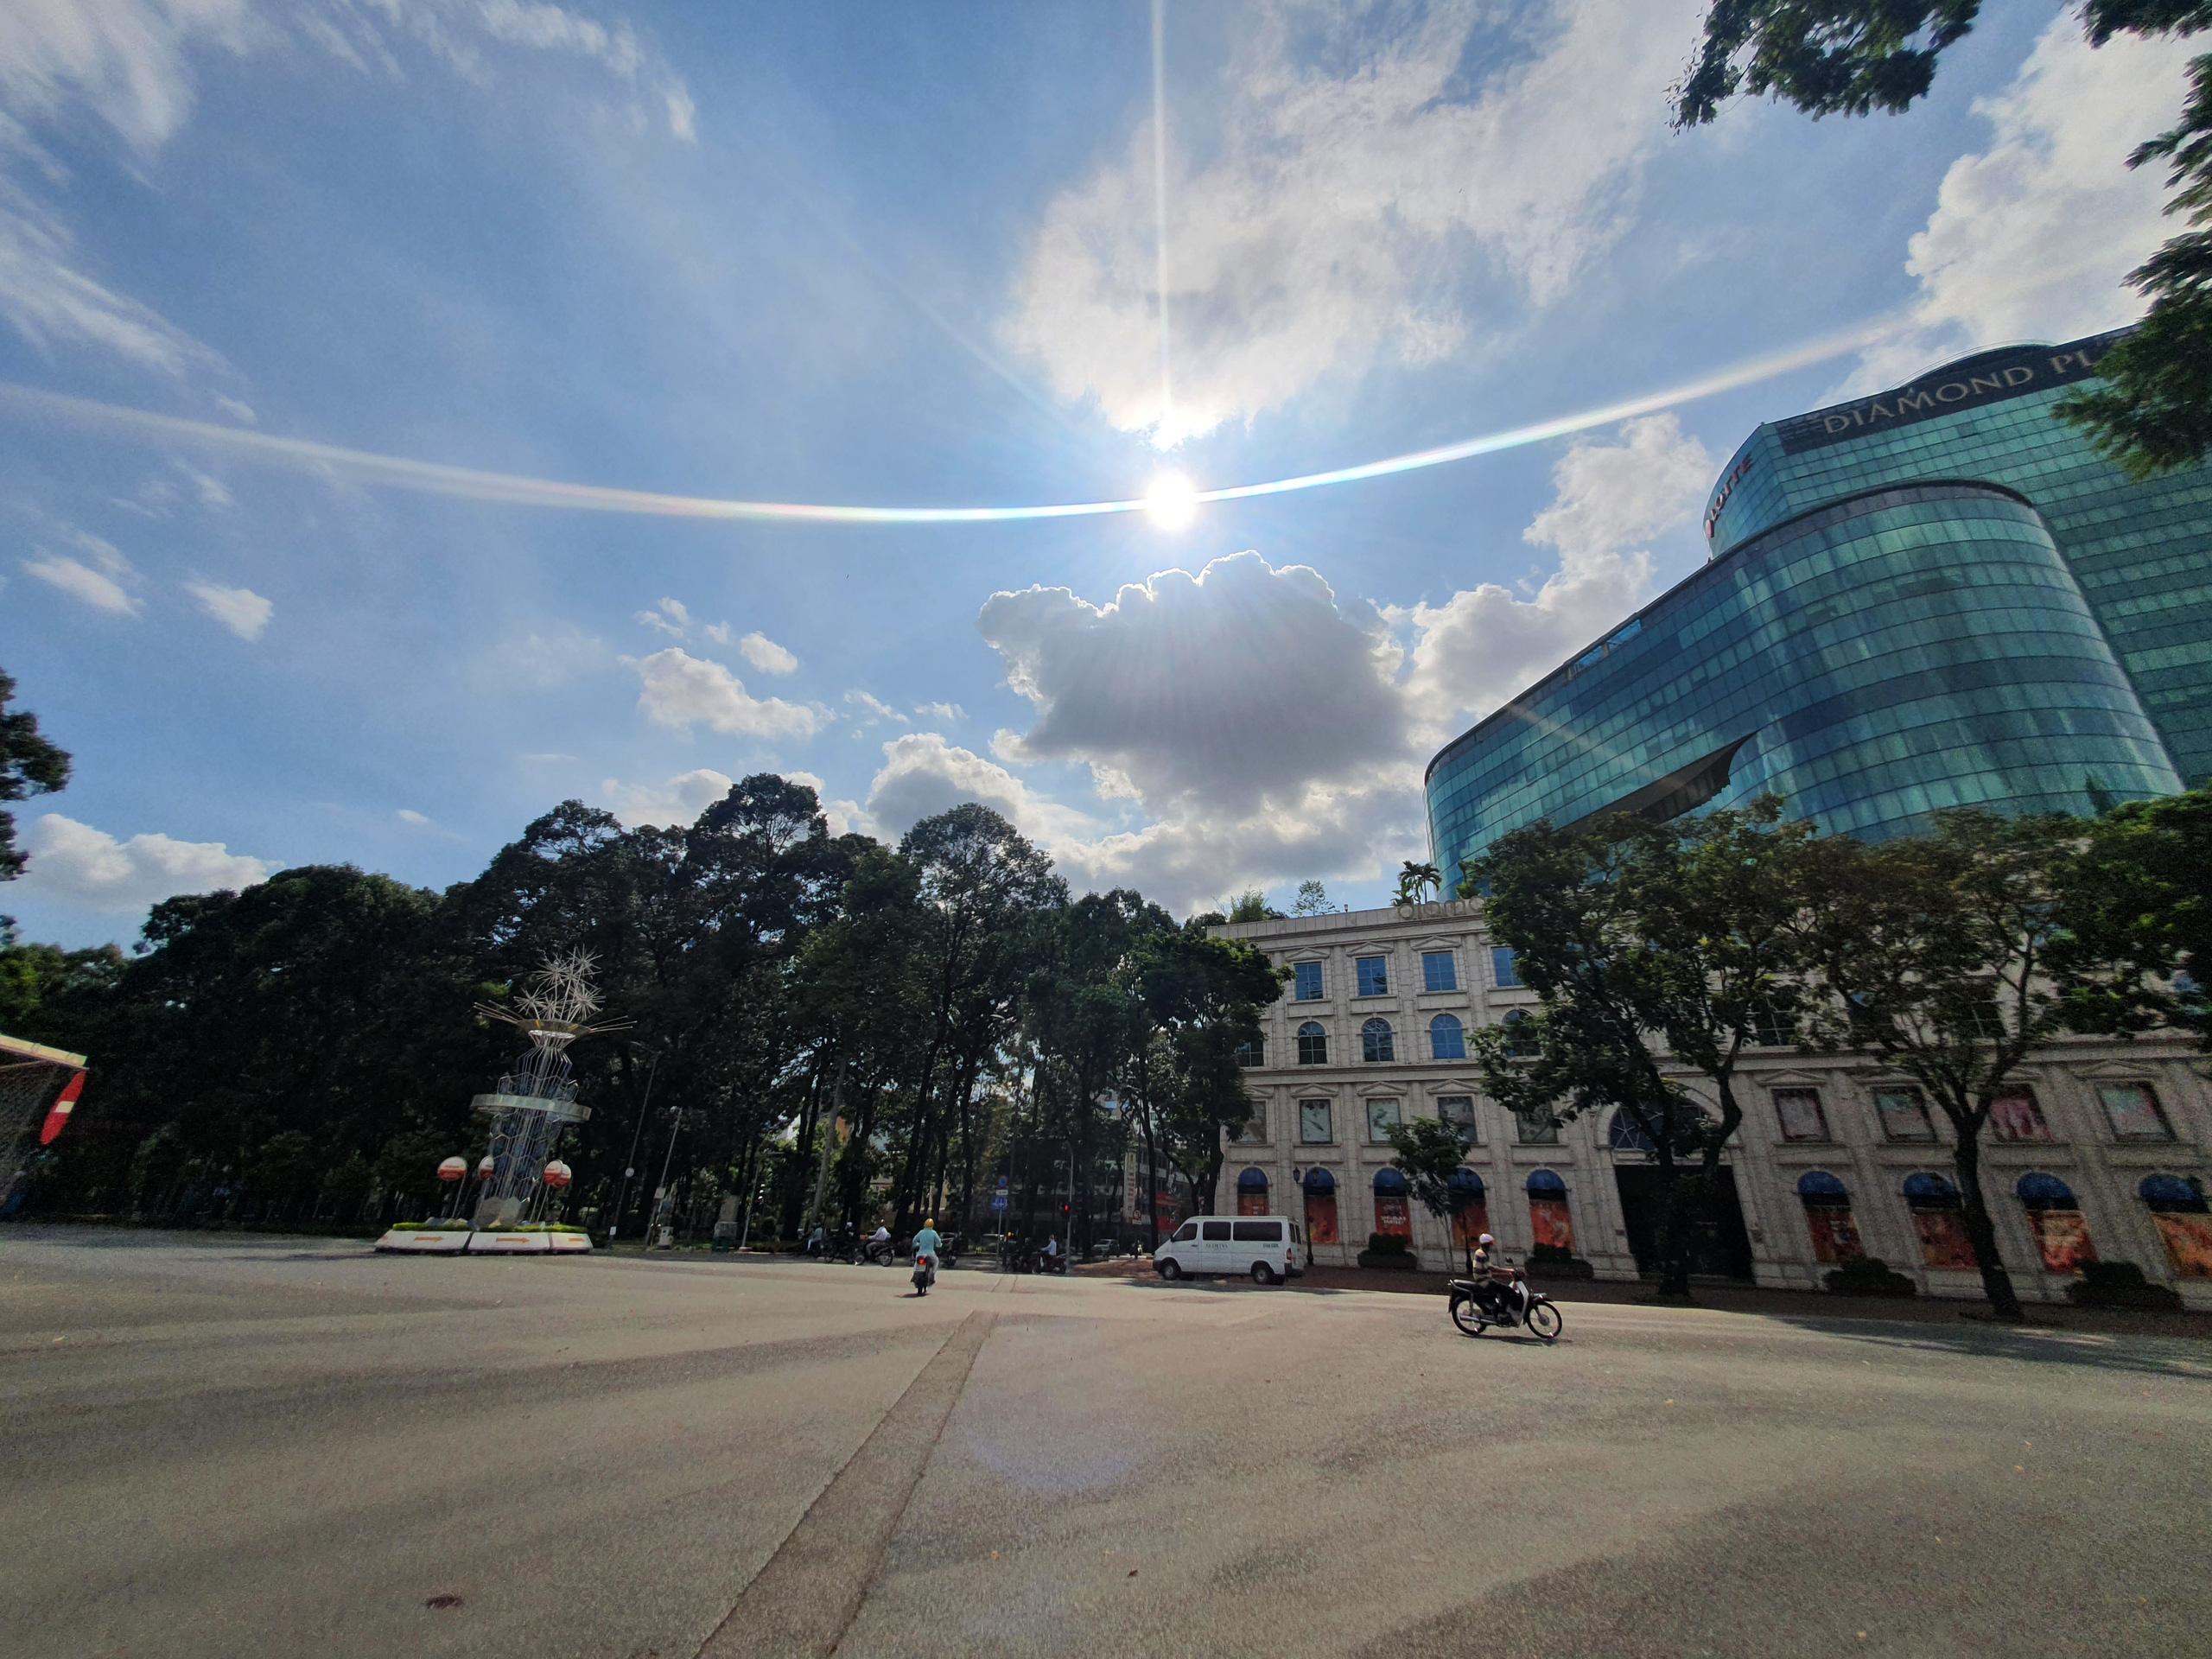 ẢNH: Ngày đầu giãn cách xã hội, đường TP.HCM không kẹt xe từ sáng tới chiều, Gò Vấp tạm dỡ chốt phong tỏa - Ảnh 2.